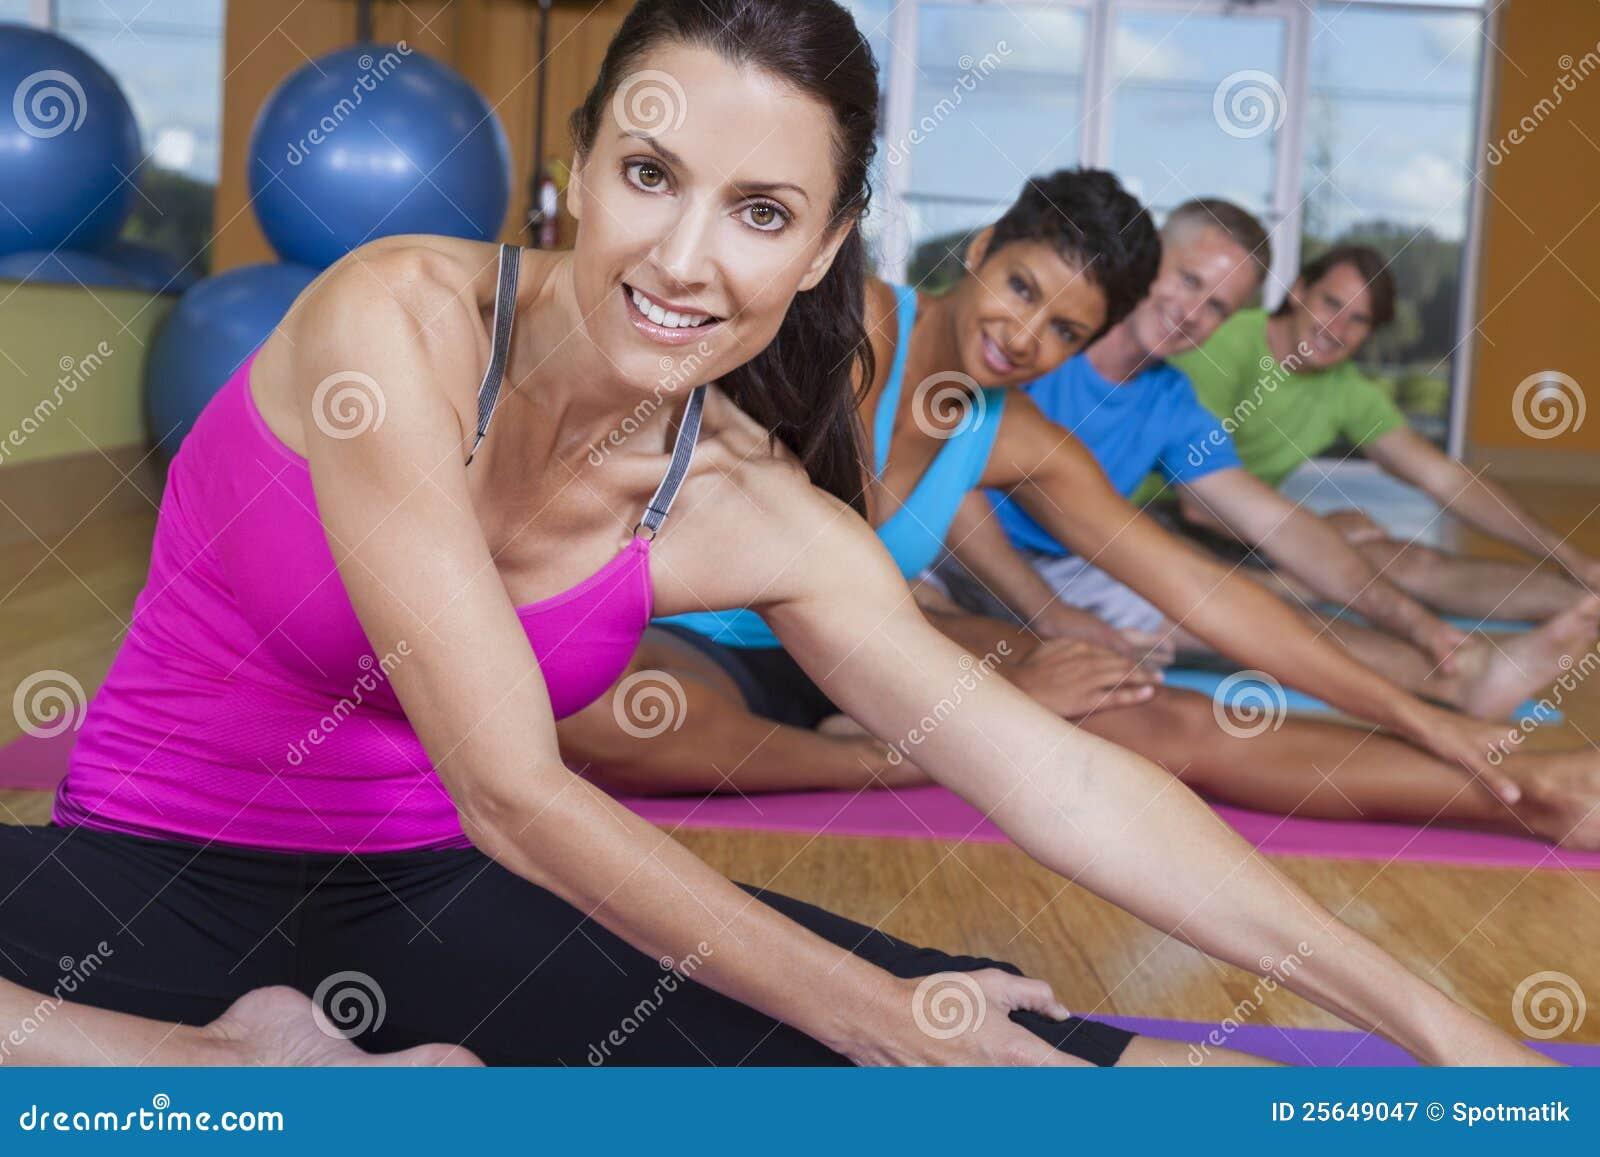 Groupe de personnes interracial yoga de pratique